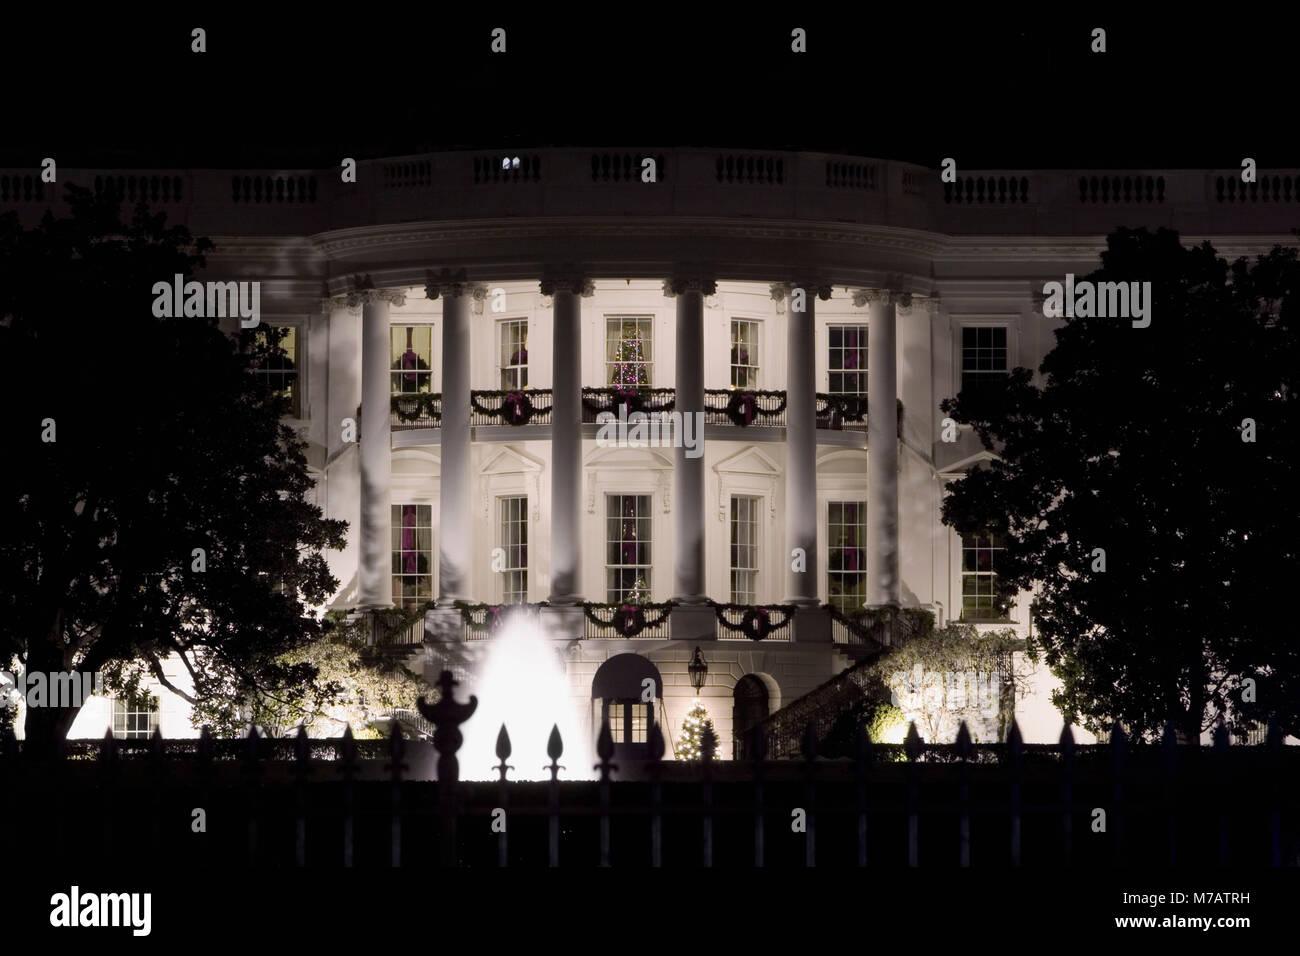 Facade of a government building, White House, Washington DC, USA - Stock Image